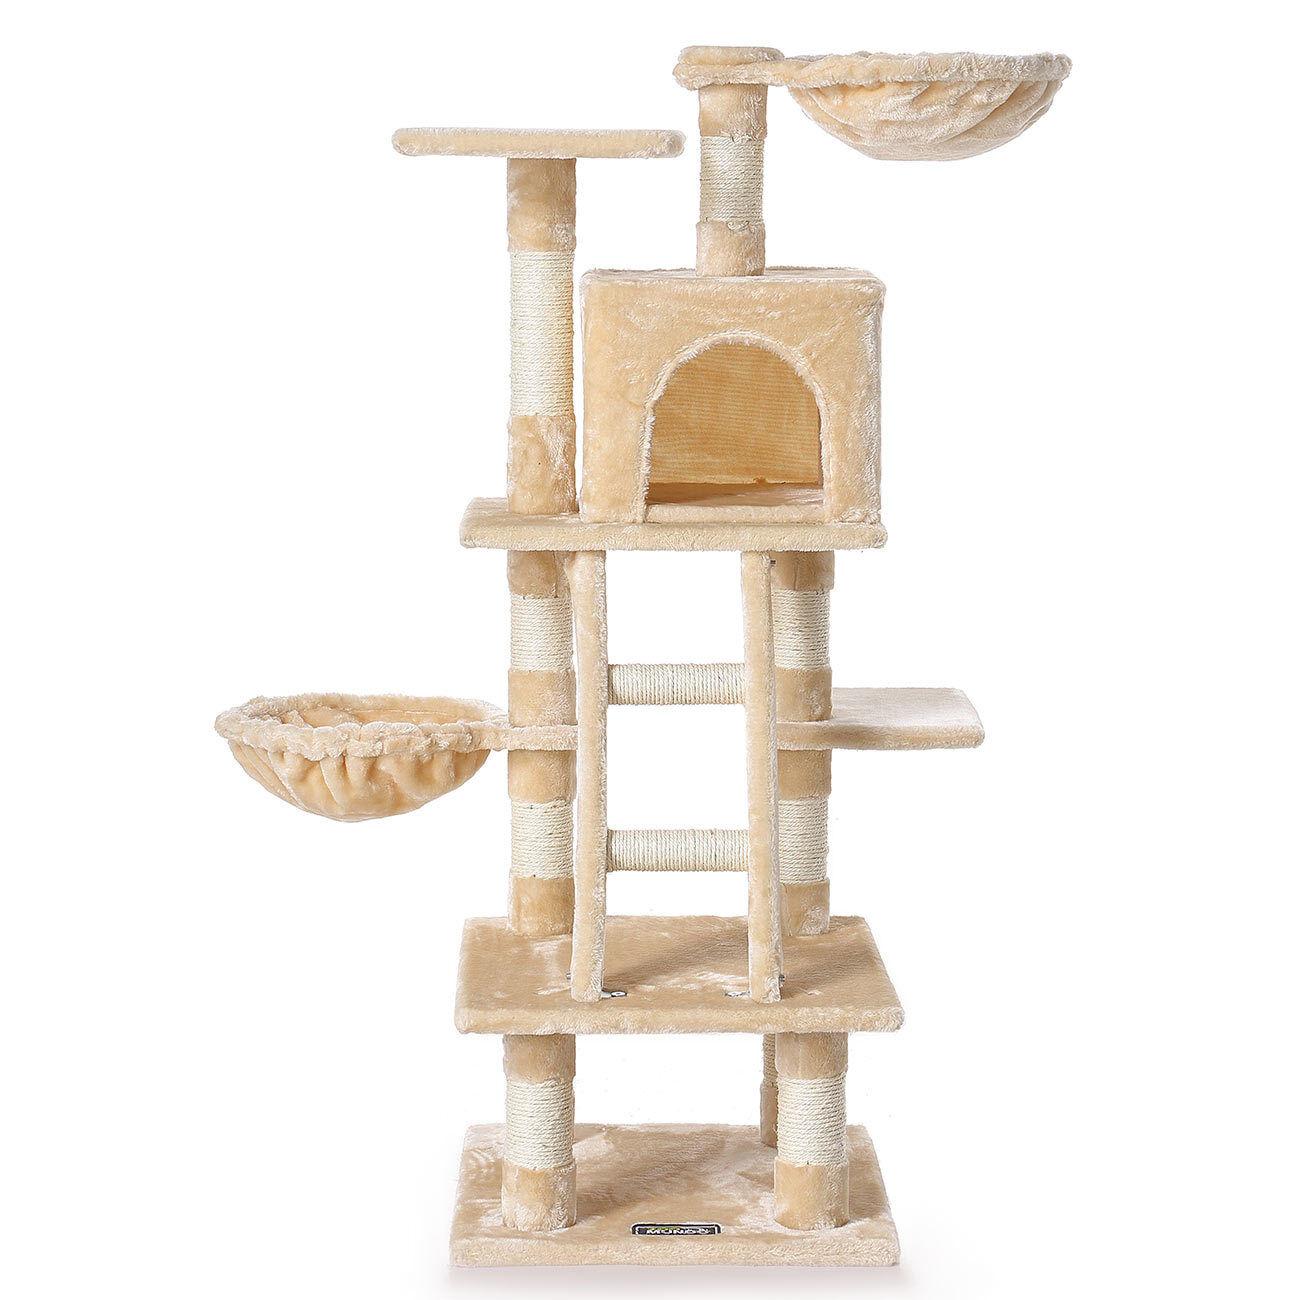 Árbol para gatos Rascador para gatos sisal juguetes 120 cm Cuerda Casa zoomundo